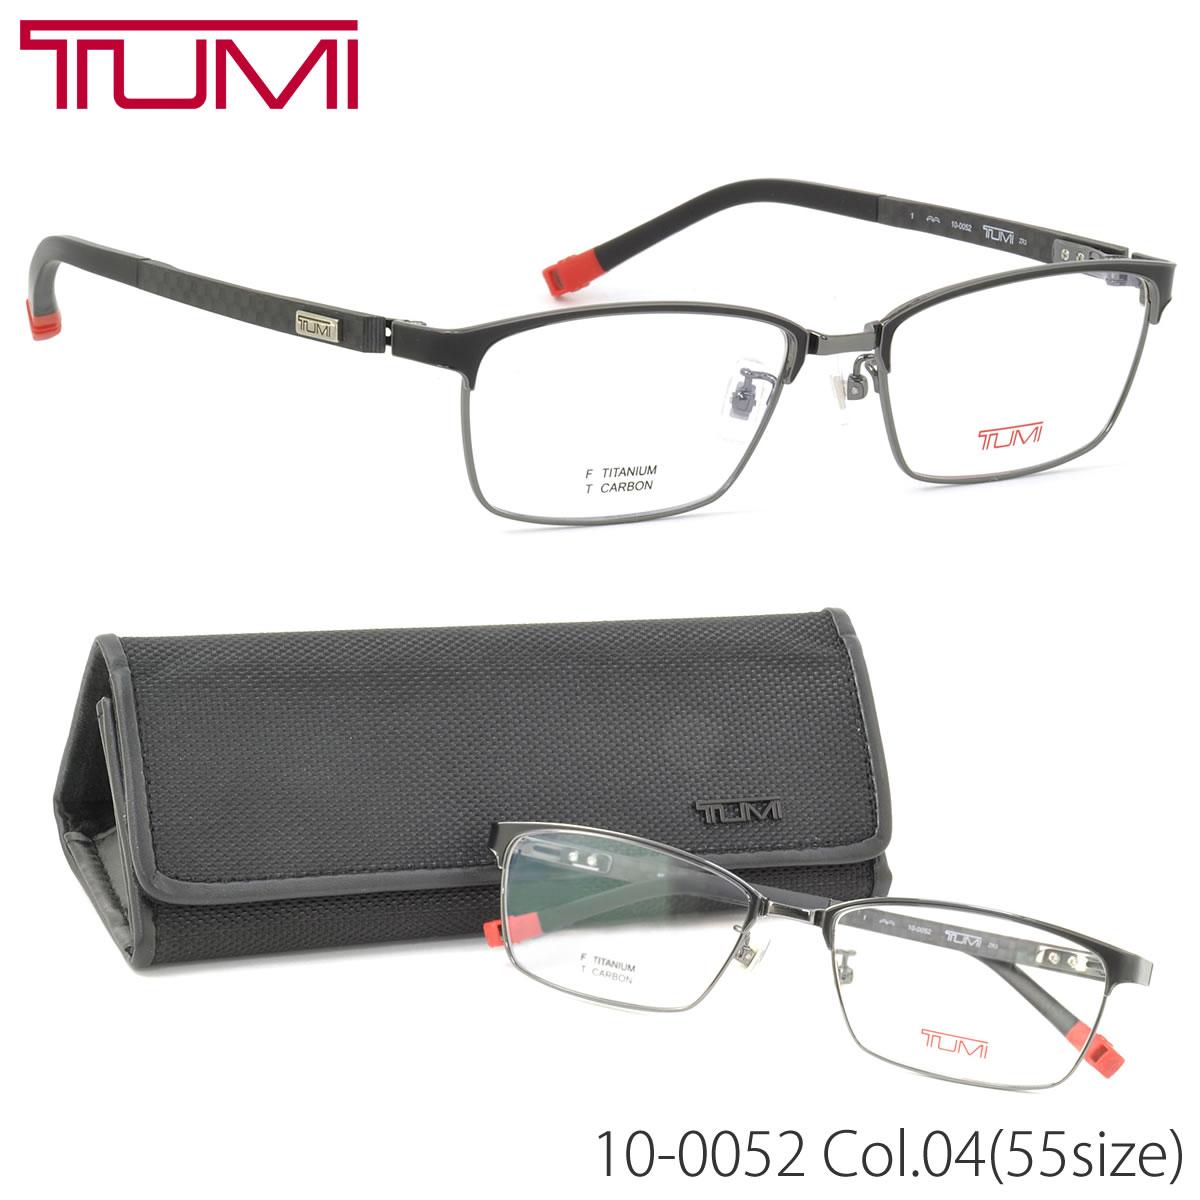 【トゥミ】 (TUMI) メガネ10-0052 01 55サイズカーボン スクエア チタン 軽量 TUMI メンズ レディース